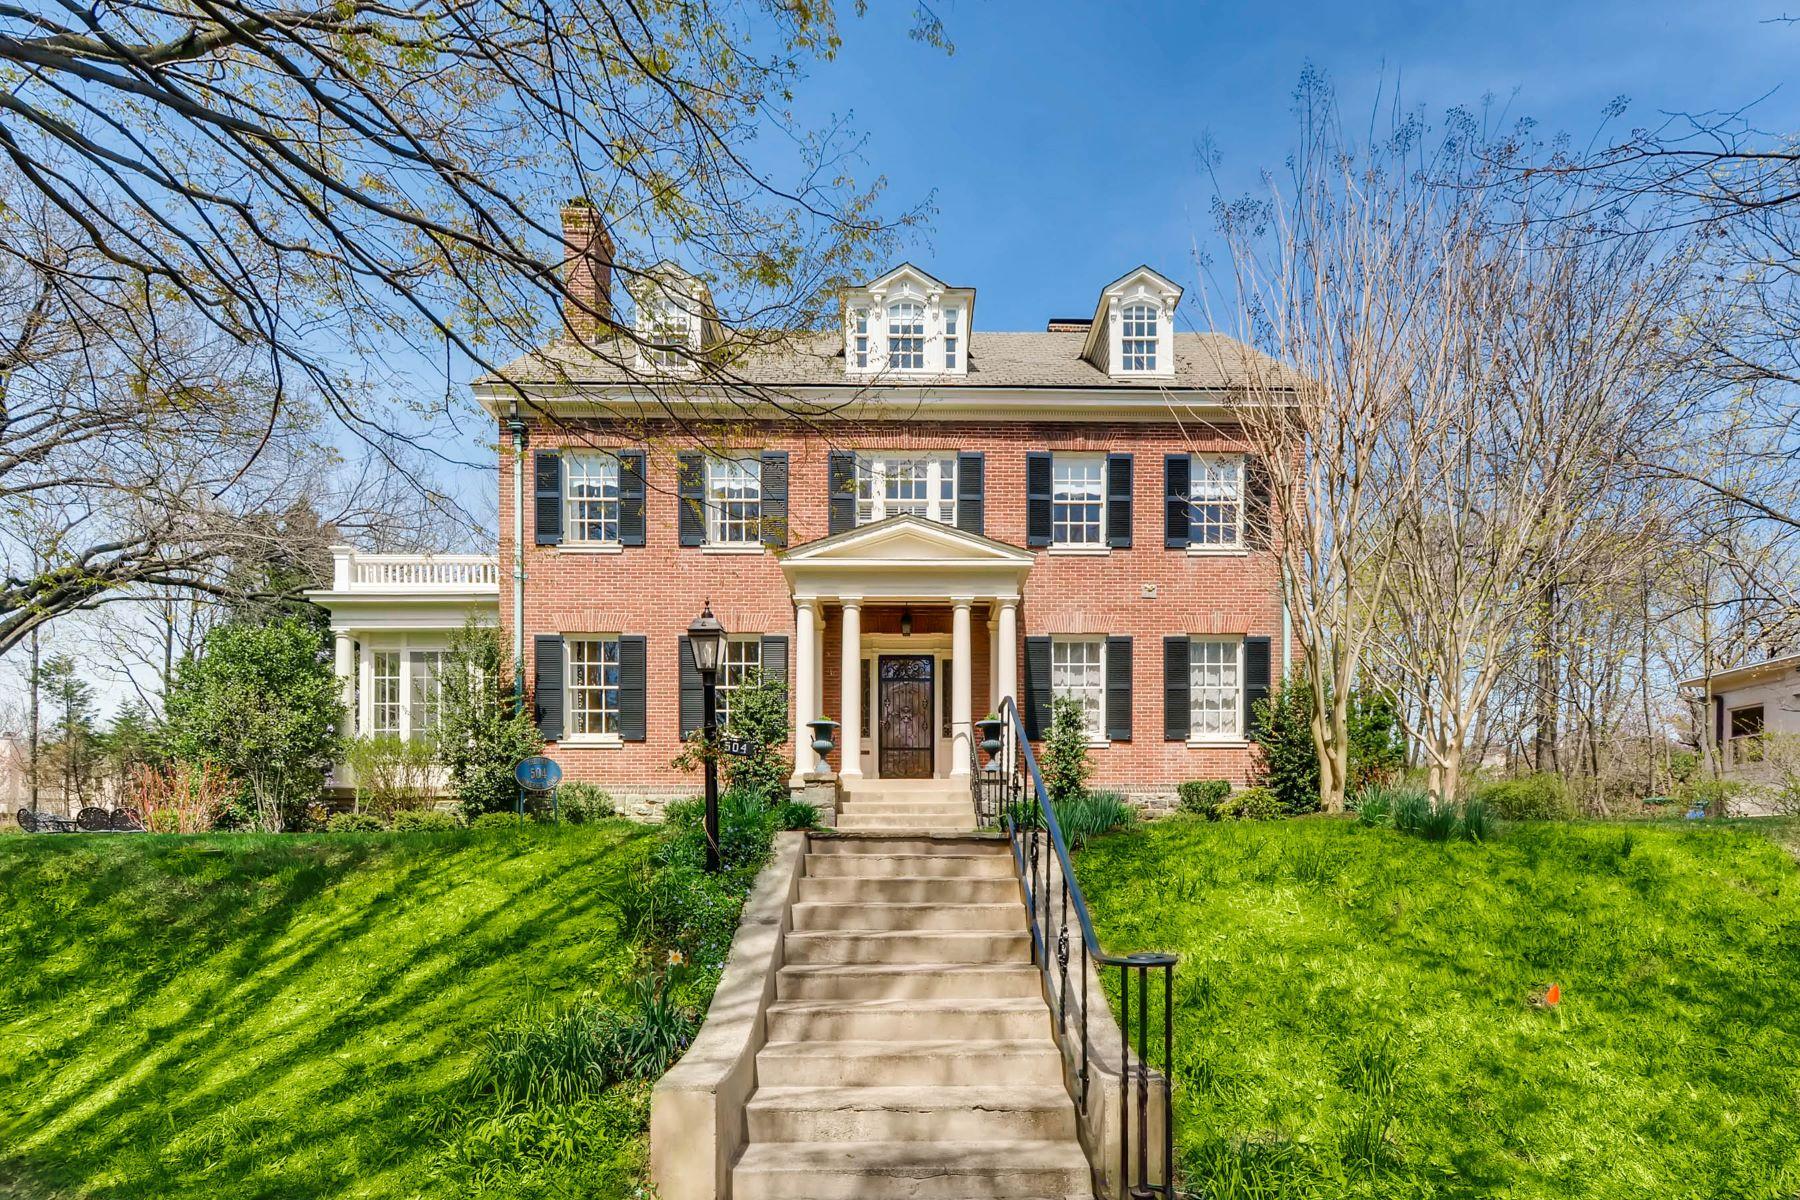 Villa per Vendita alle ore 504 Somerset Road Roland Park, Baltimore, Maryland, 21210 Stati Uniti